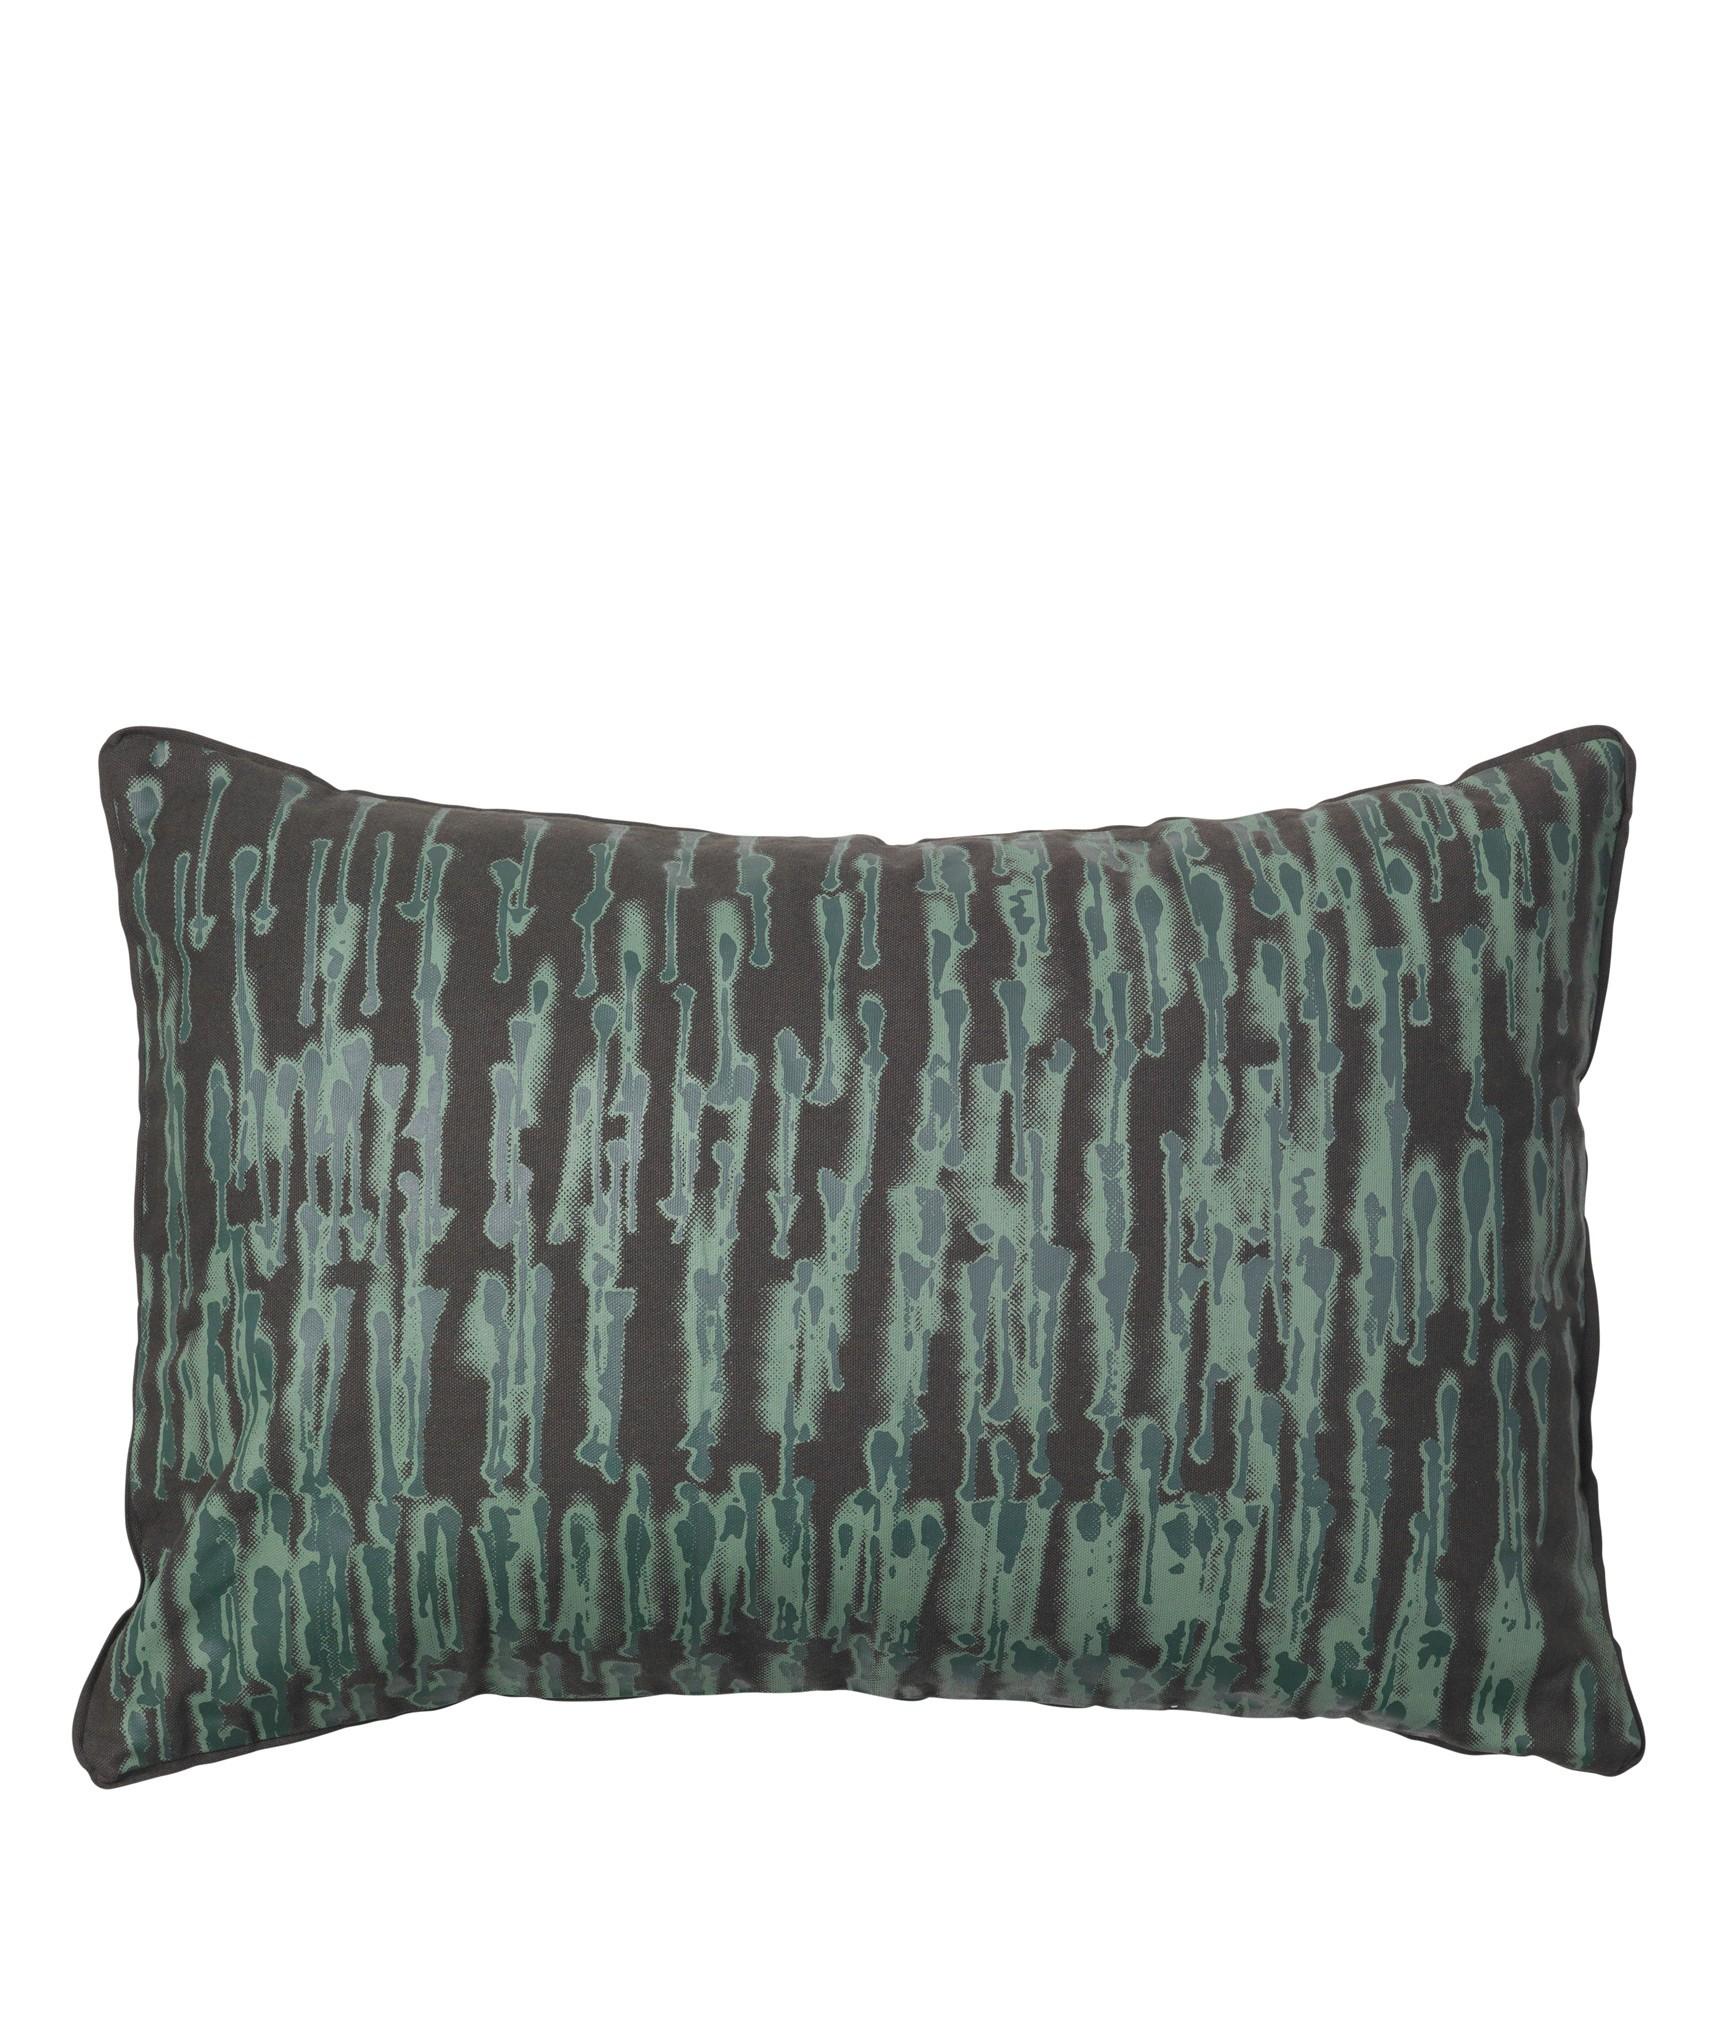 broste copenhagen kissen line wohnen kologische m bel f r deinen wohnbereich bei glore kaufen. Black Bedroom Furniture Sets. Home Design Ideas